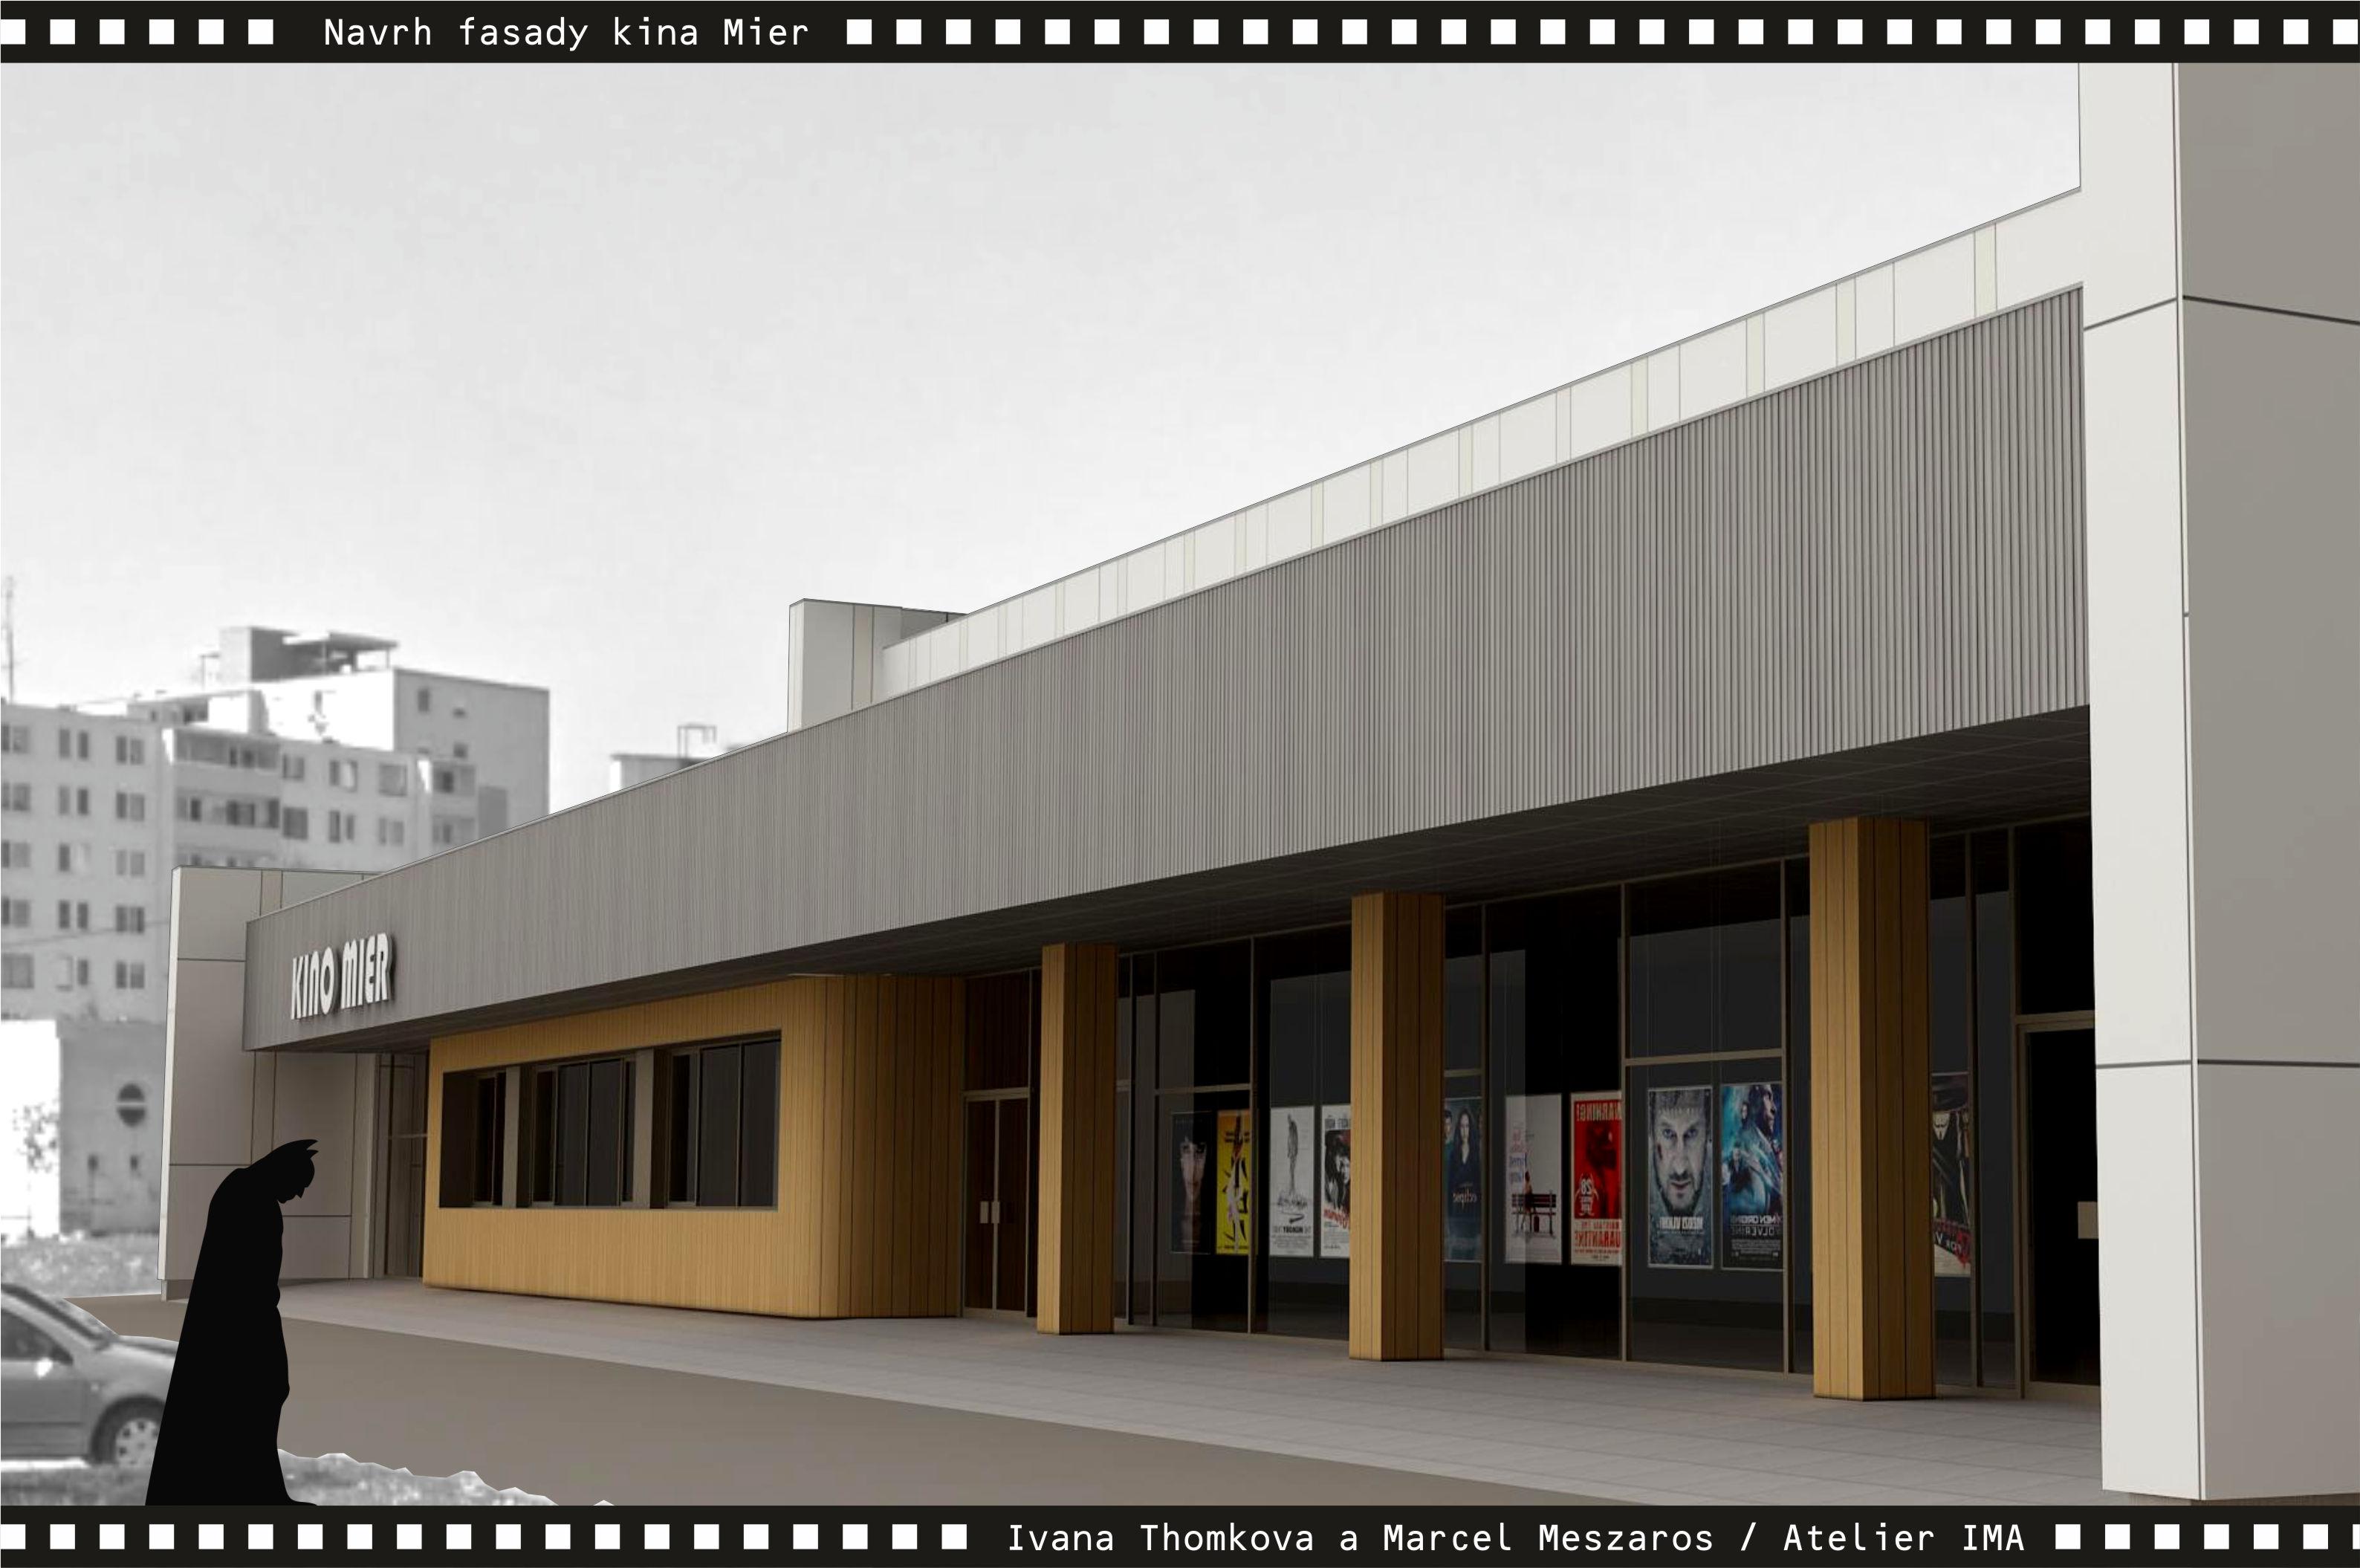 Projekt fasády kina Mier NZ 07